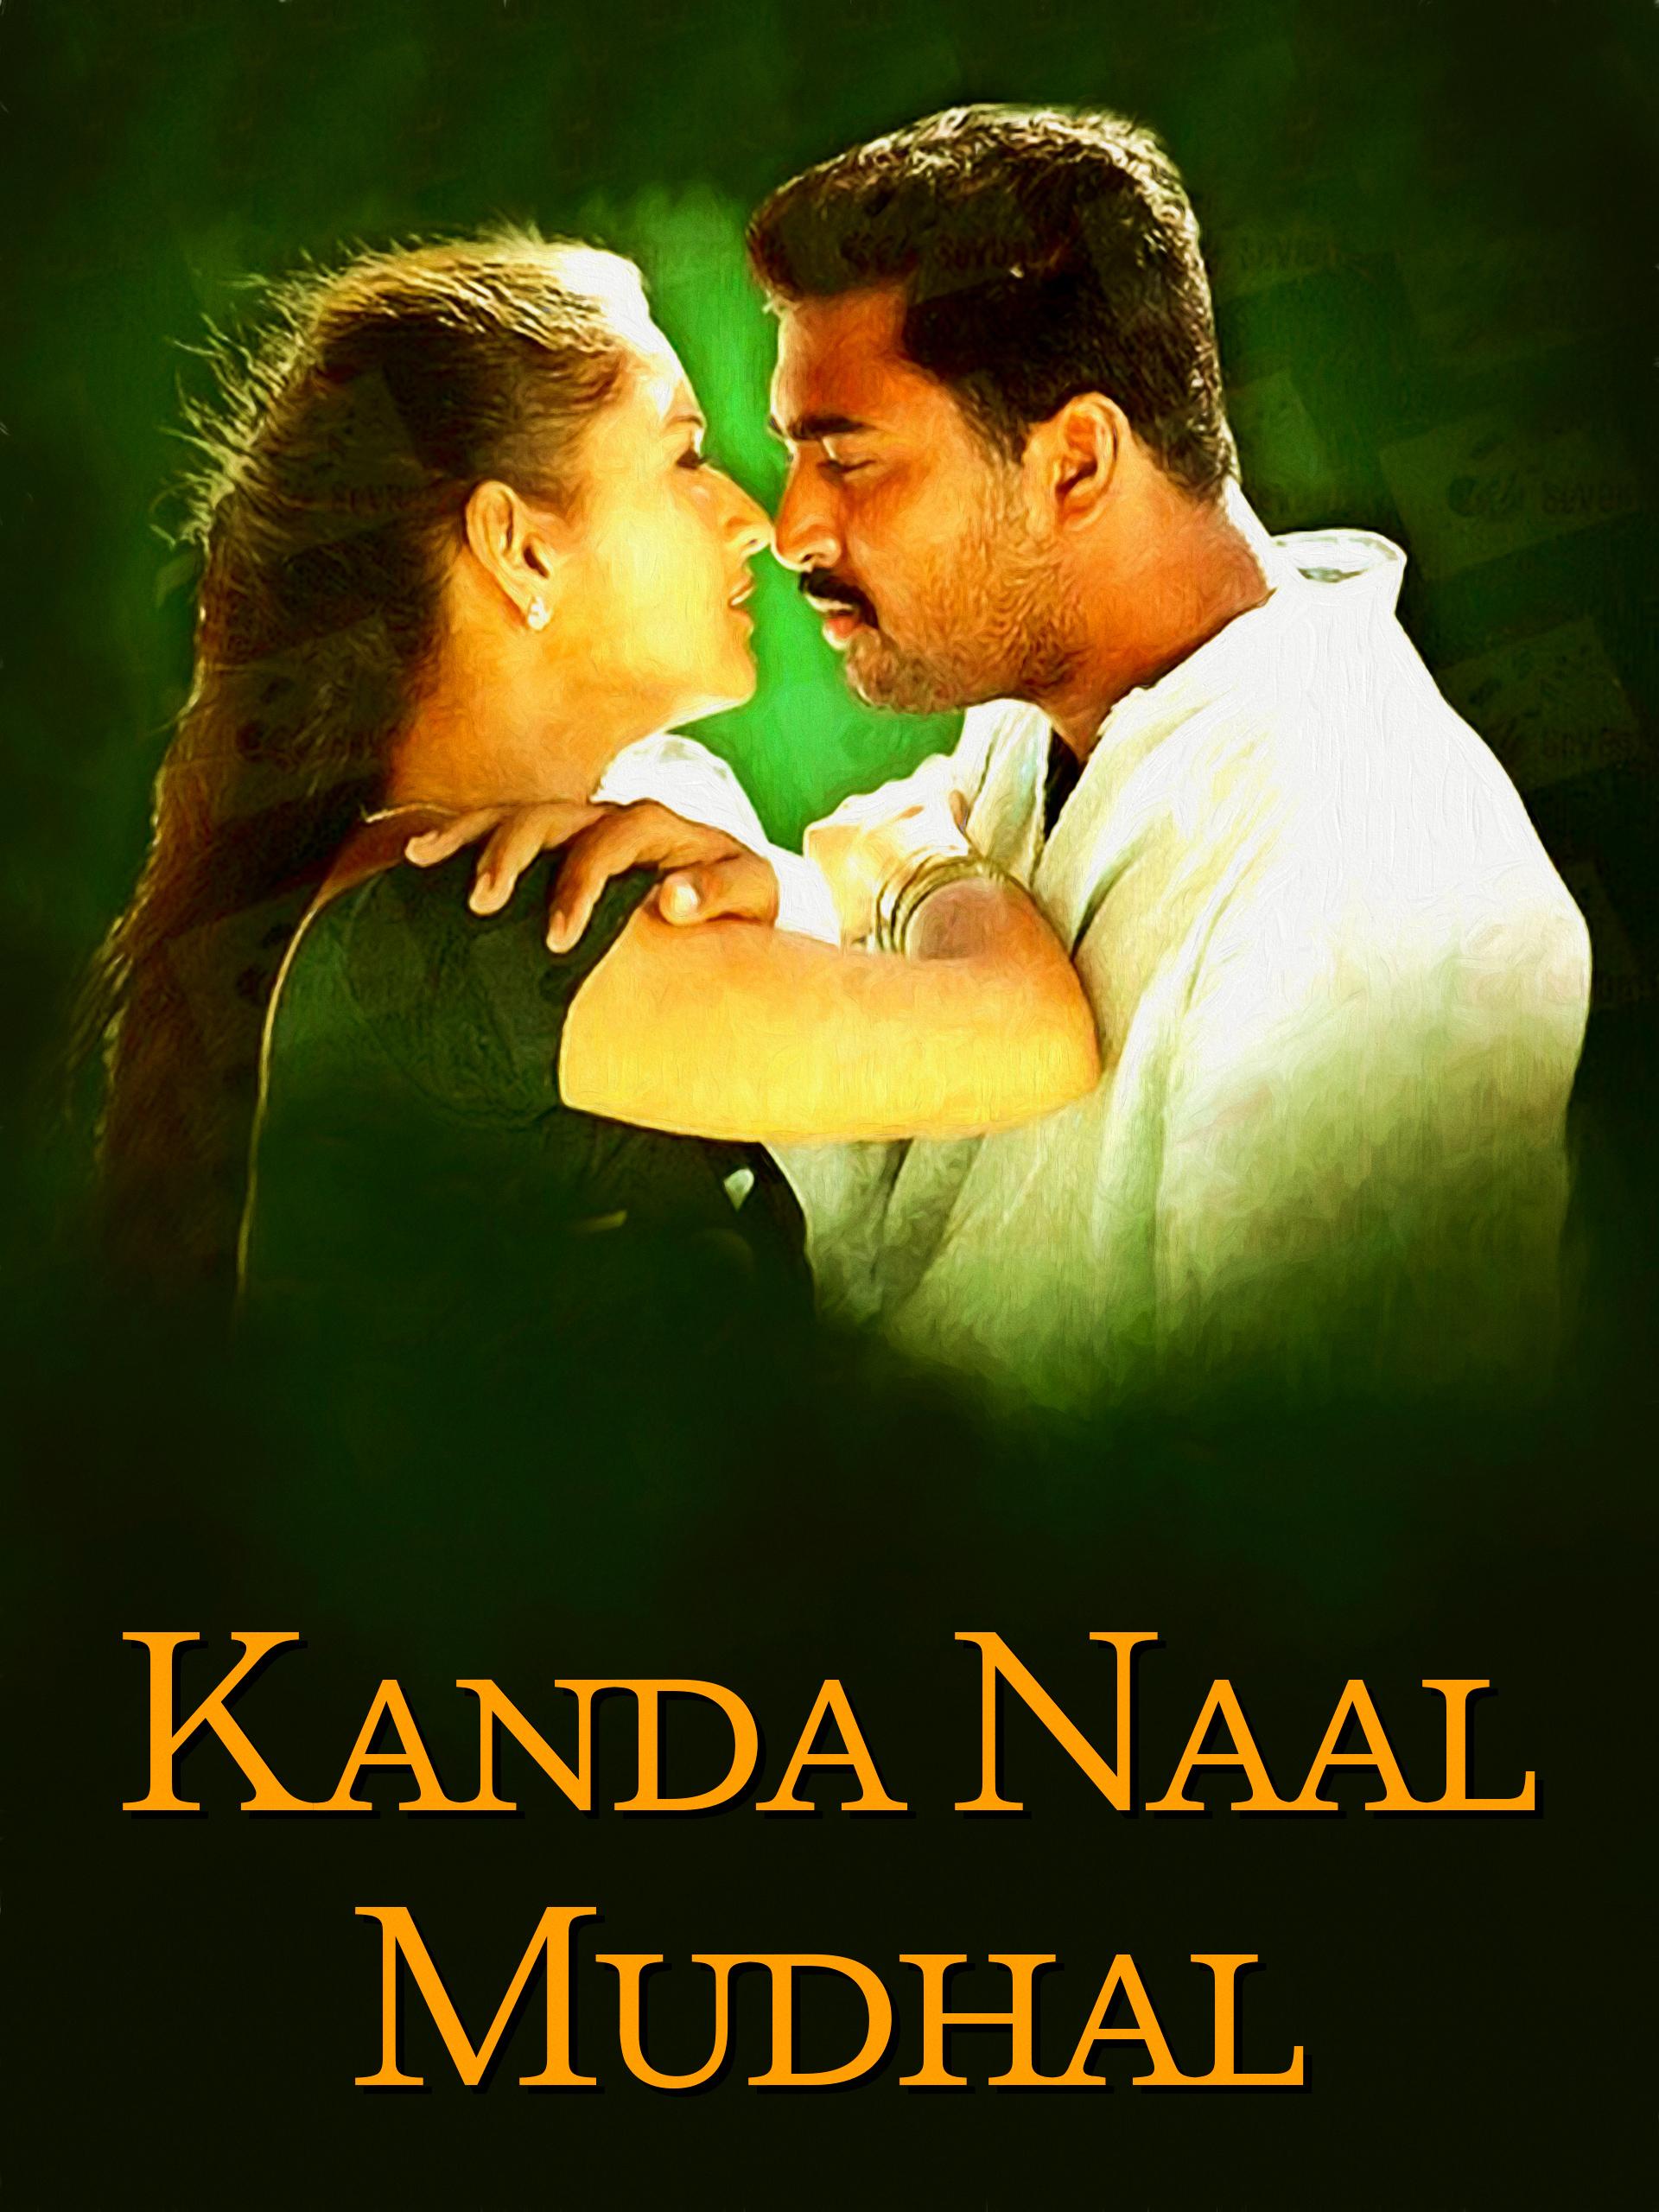 Watch Kanda Naal Mudhal full movie Online - Eros Now